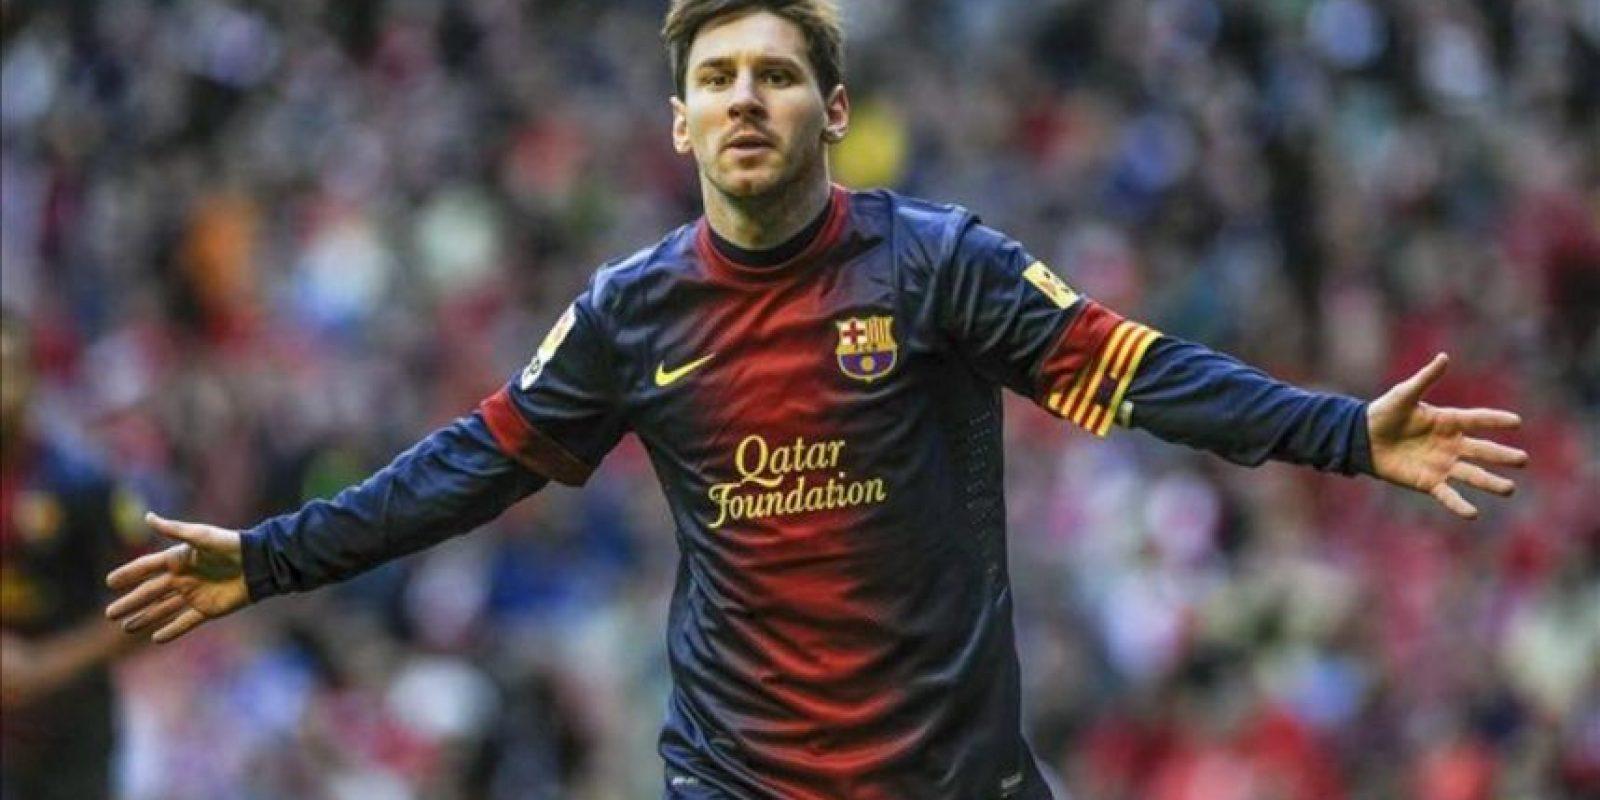 El delantero argentino del Barcelona Leo Messi celebra la consecución del primer gol de su equipo ante el Athletic de Bilbao, en el partido de la trigésima tercera jornada de liga en Primera División que se disputó en el estadio de San Mamés. EFE